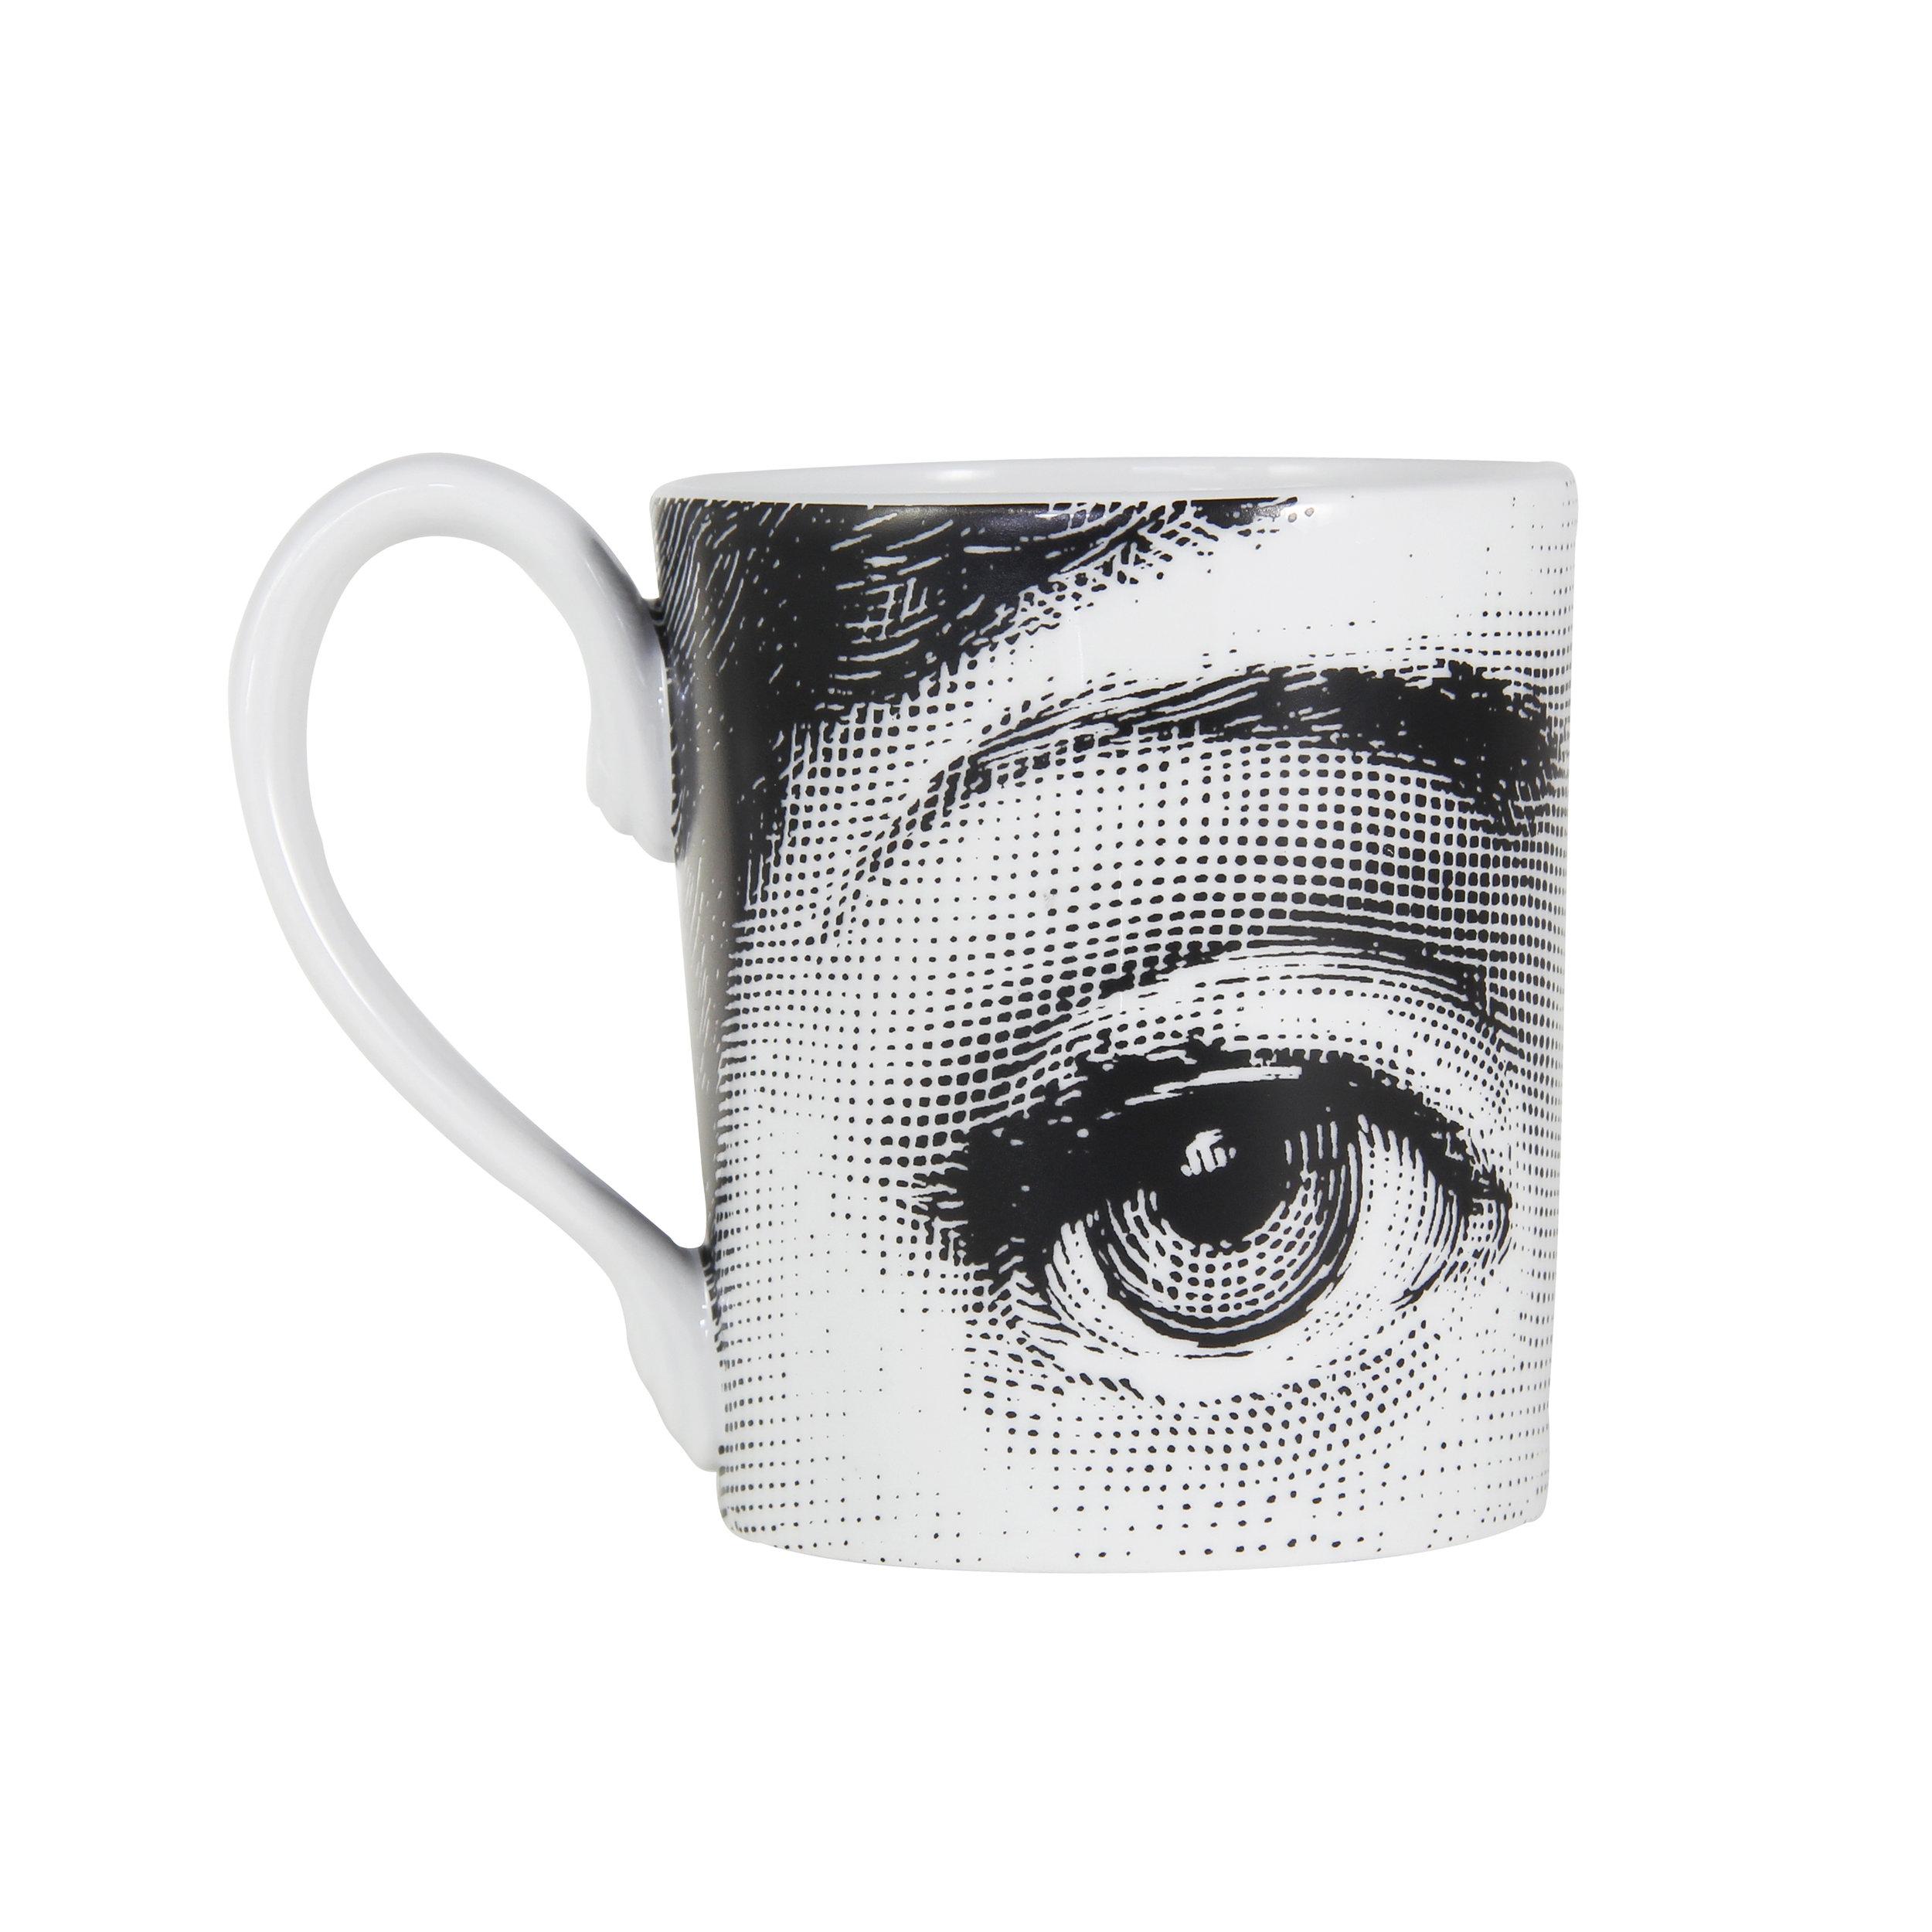 https://www.amara.com/products/occhi-mug